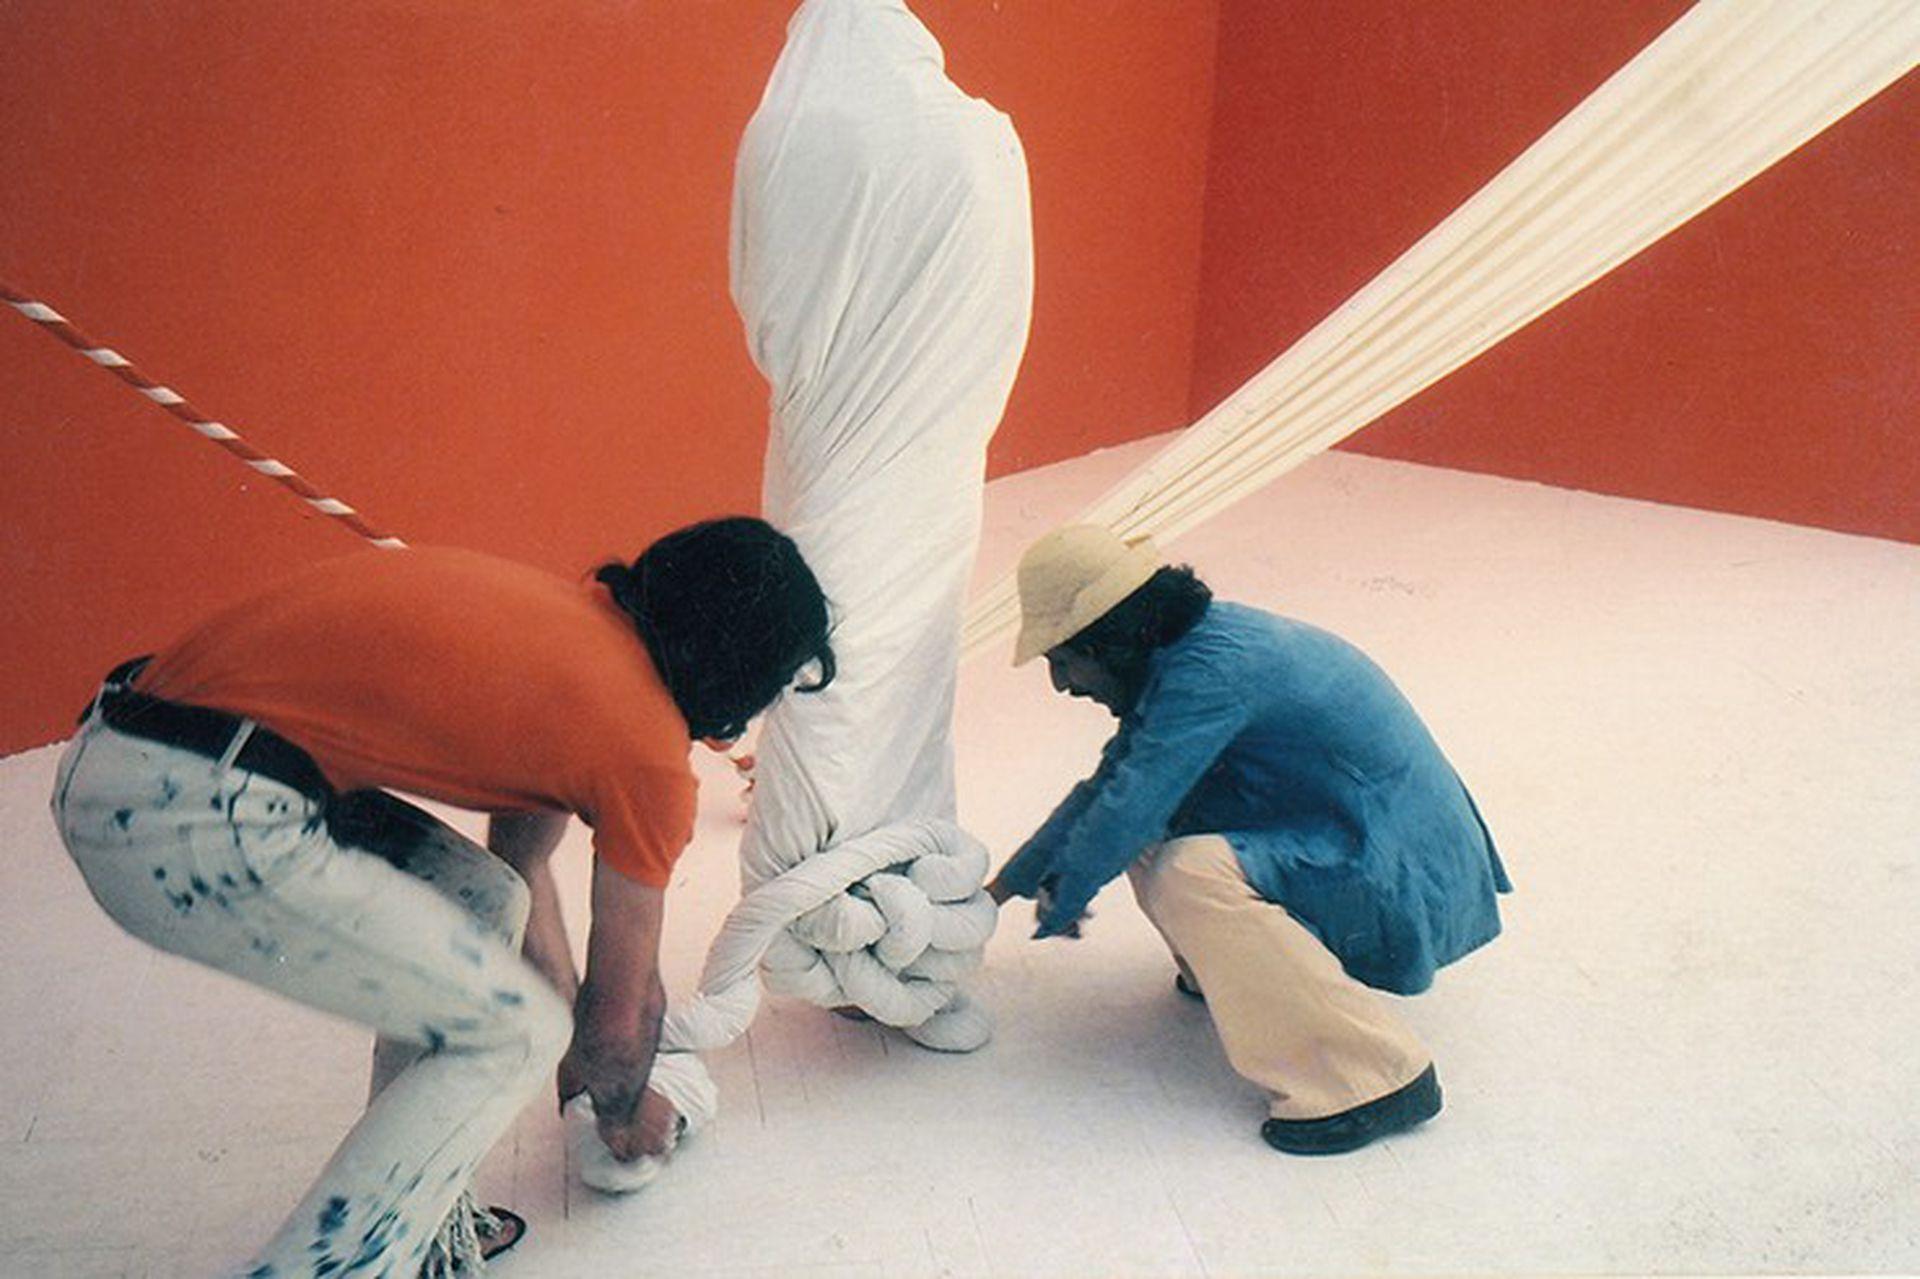 Jorge Eduardo Eielson y Michele Mulas durante la performance El Cuerpo de Giulia-no en la Bienal de Venecia de 1972